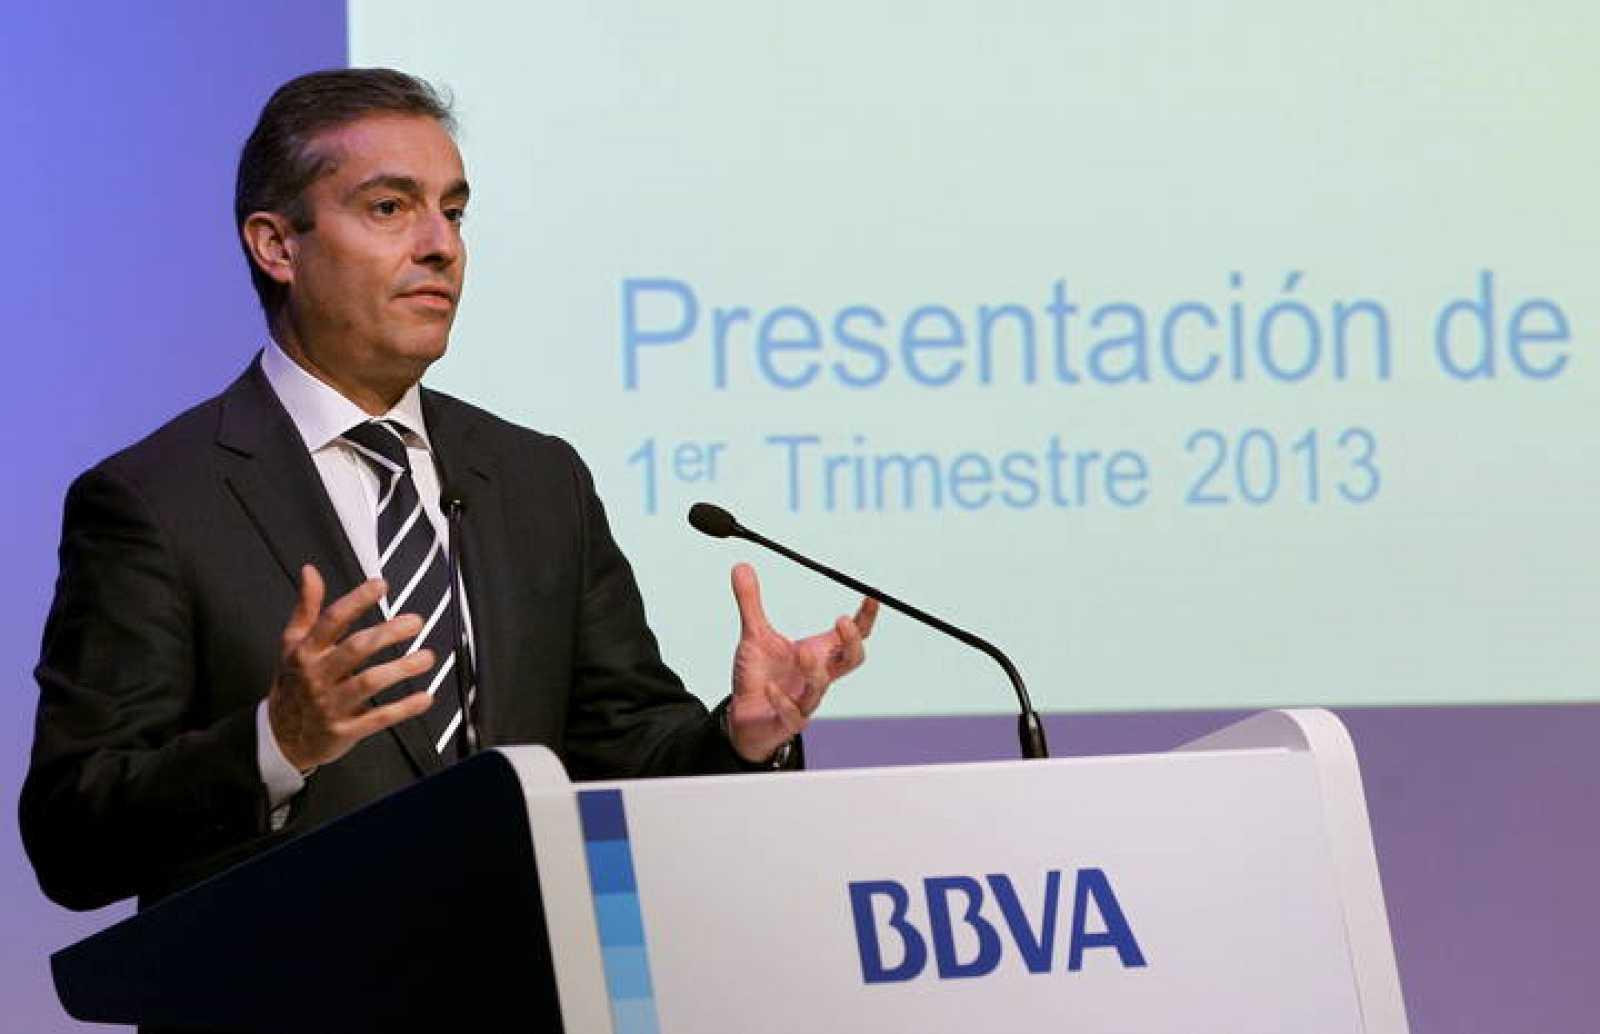 El consejero delegado del BBVA, Ángel Cano, durante la presentación de los resultados del primer trimestre de 2013